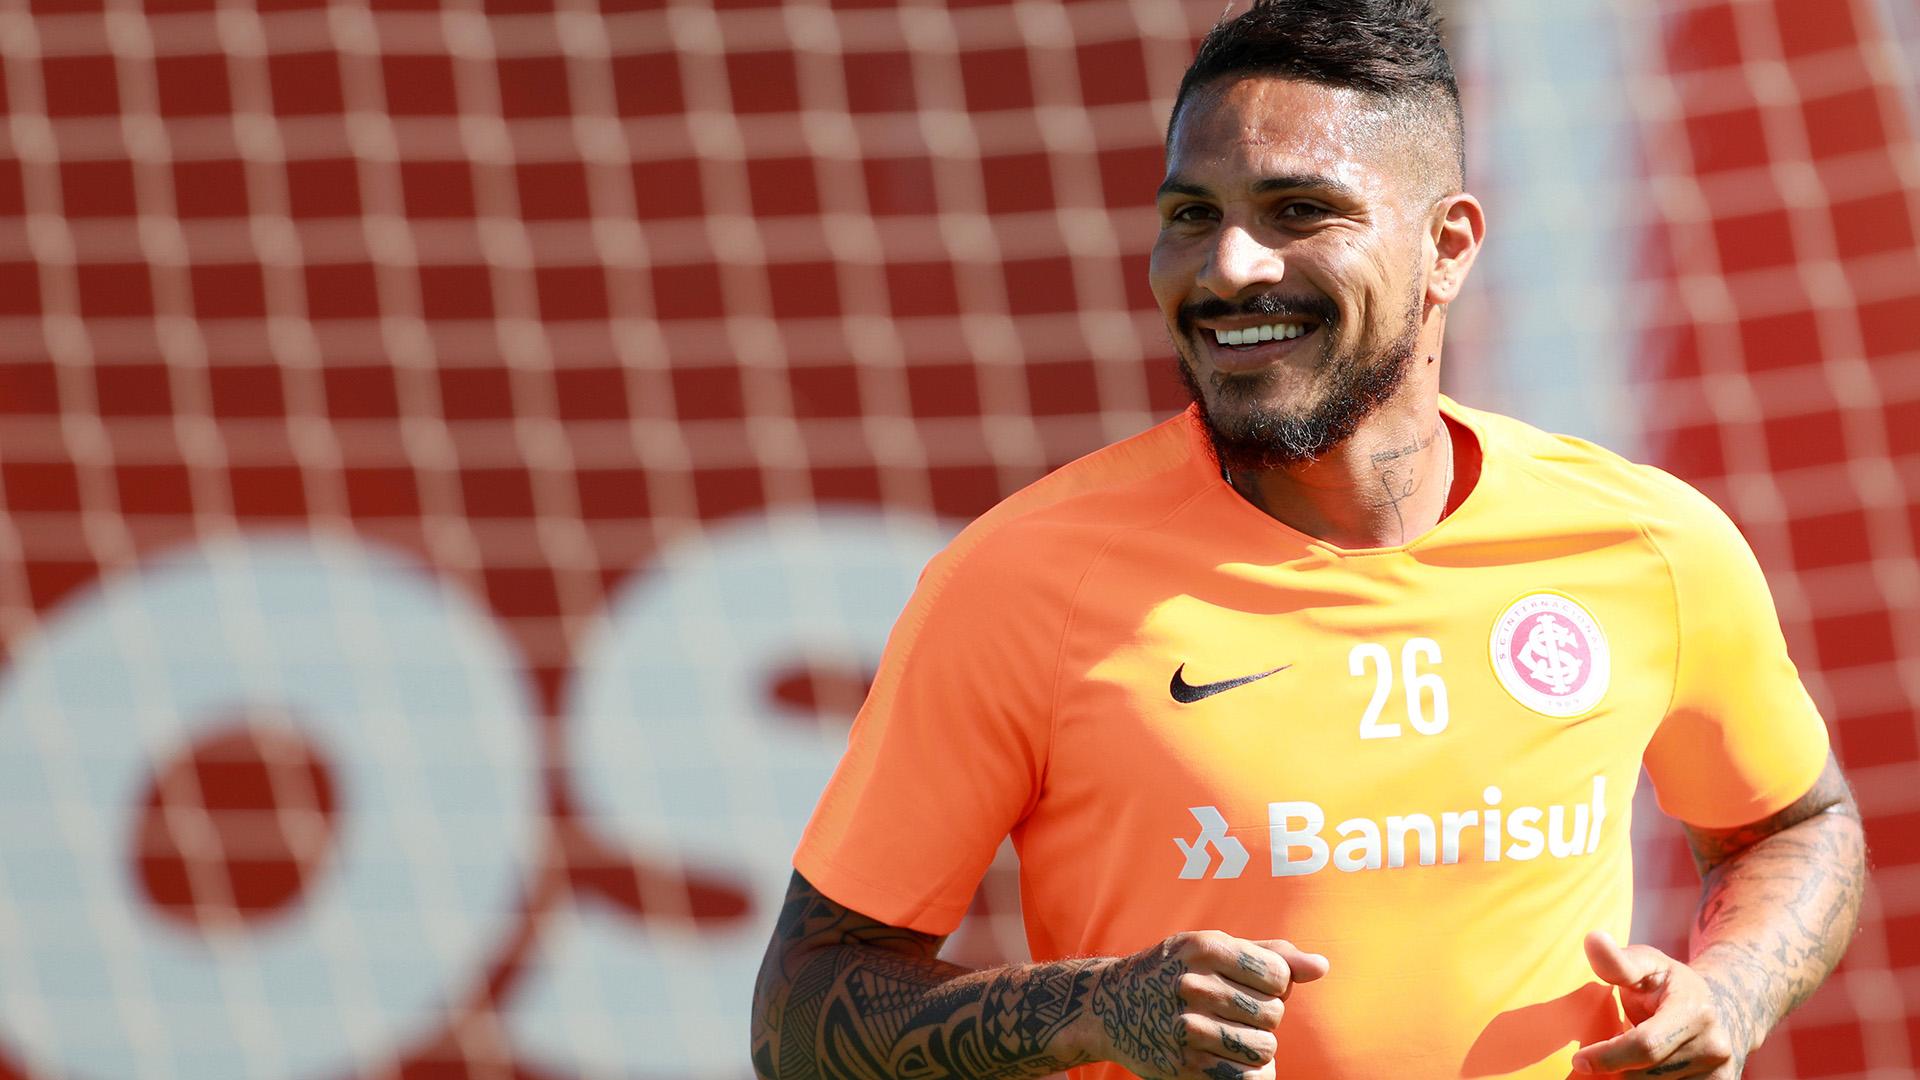 Paolo Guerreroha podido entrenarse en el Inter dePorto Alegre a partir de esta semana (Reuters)